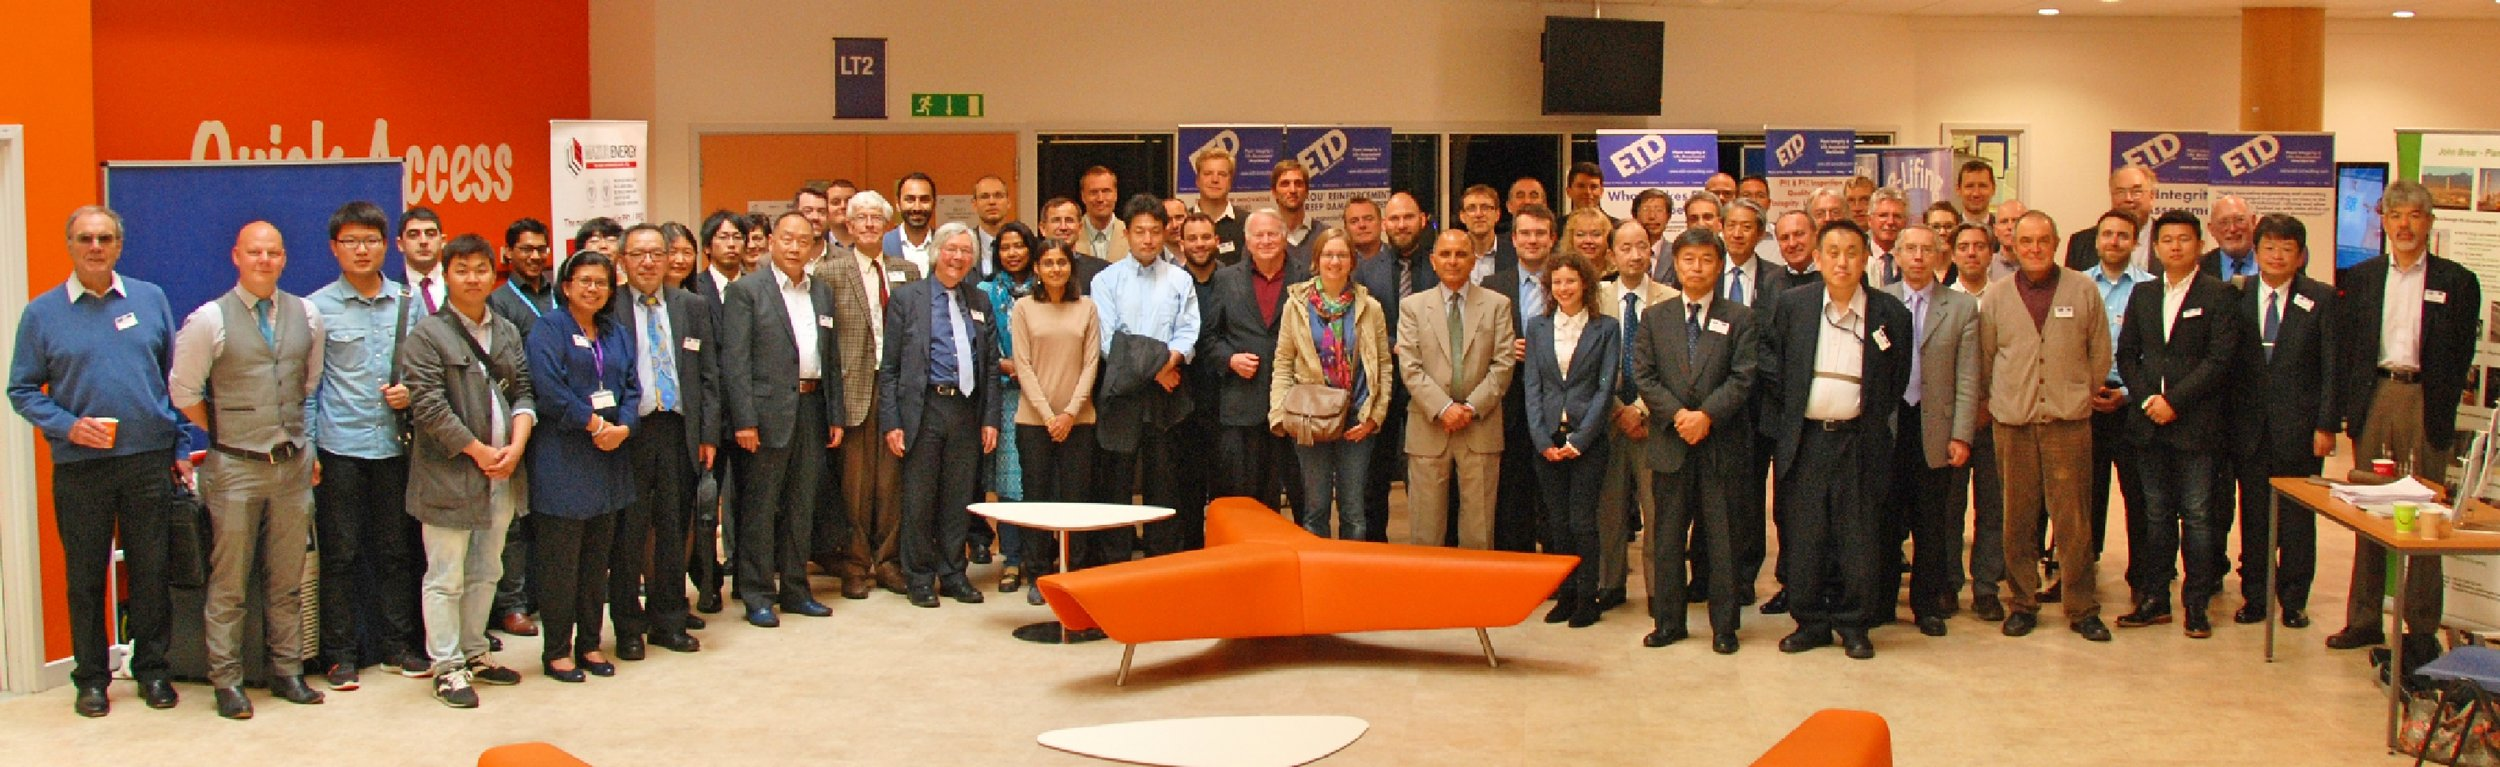 Conference Participants